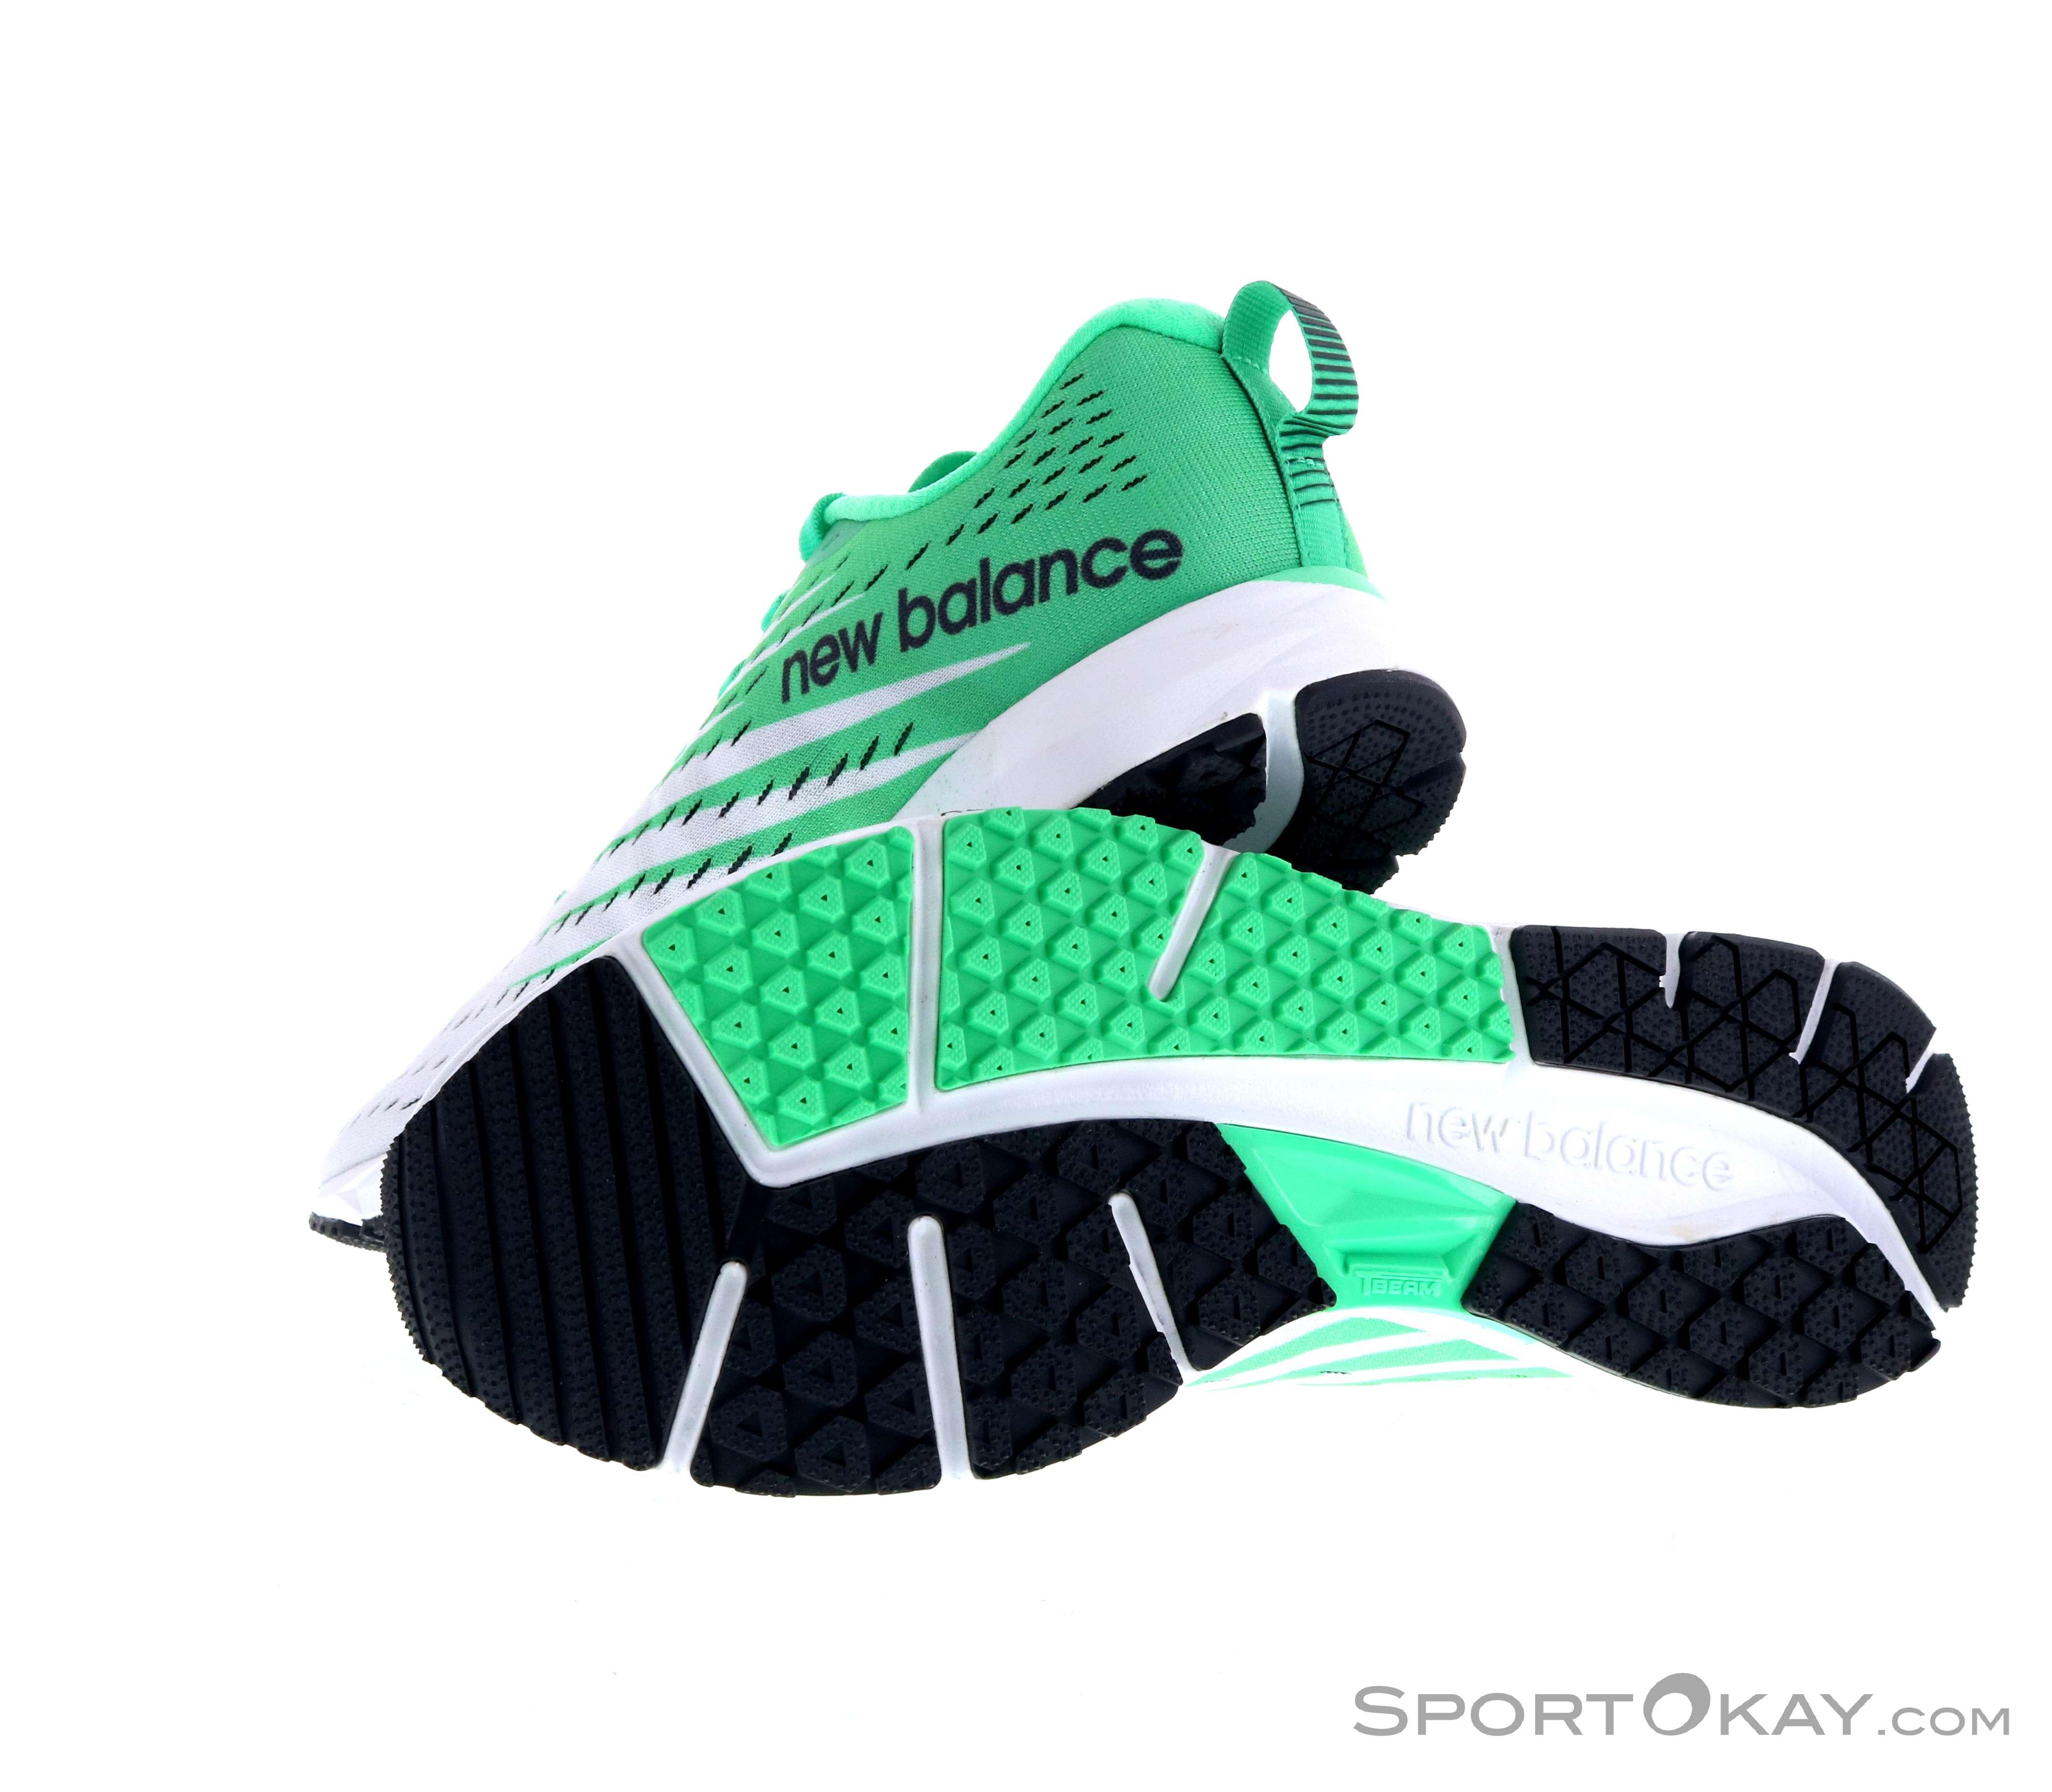 59f1b87b4140b New Balance Competition 1500 V5 Donna Scarpe da Corsa - Scarpe da ...